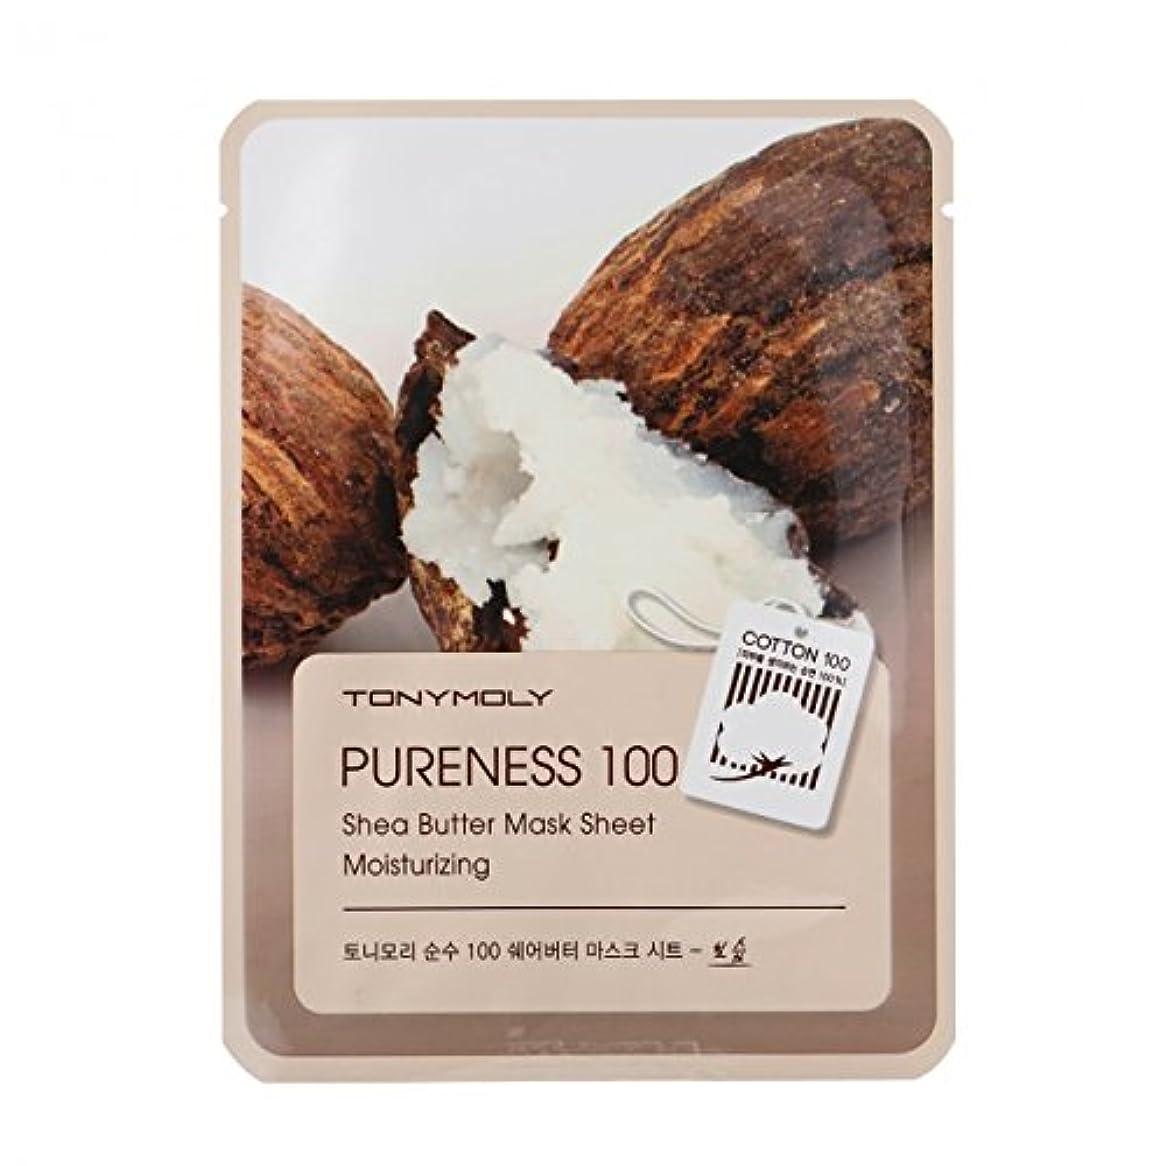 帝国主義コート流す(3 Pack) TONYMOLY Pureness 100 Shea Butter Mask Sheet Moisturizing (並行輸入品)